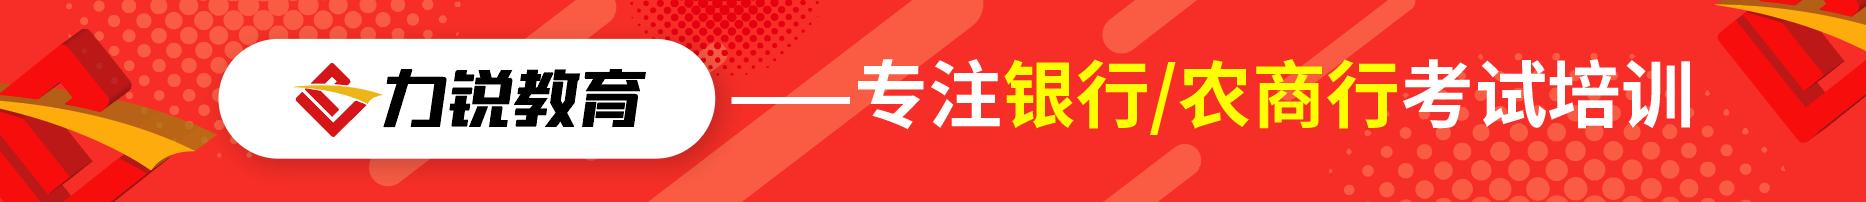 安徽泾县农商银行校园招聘报考条件